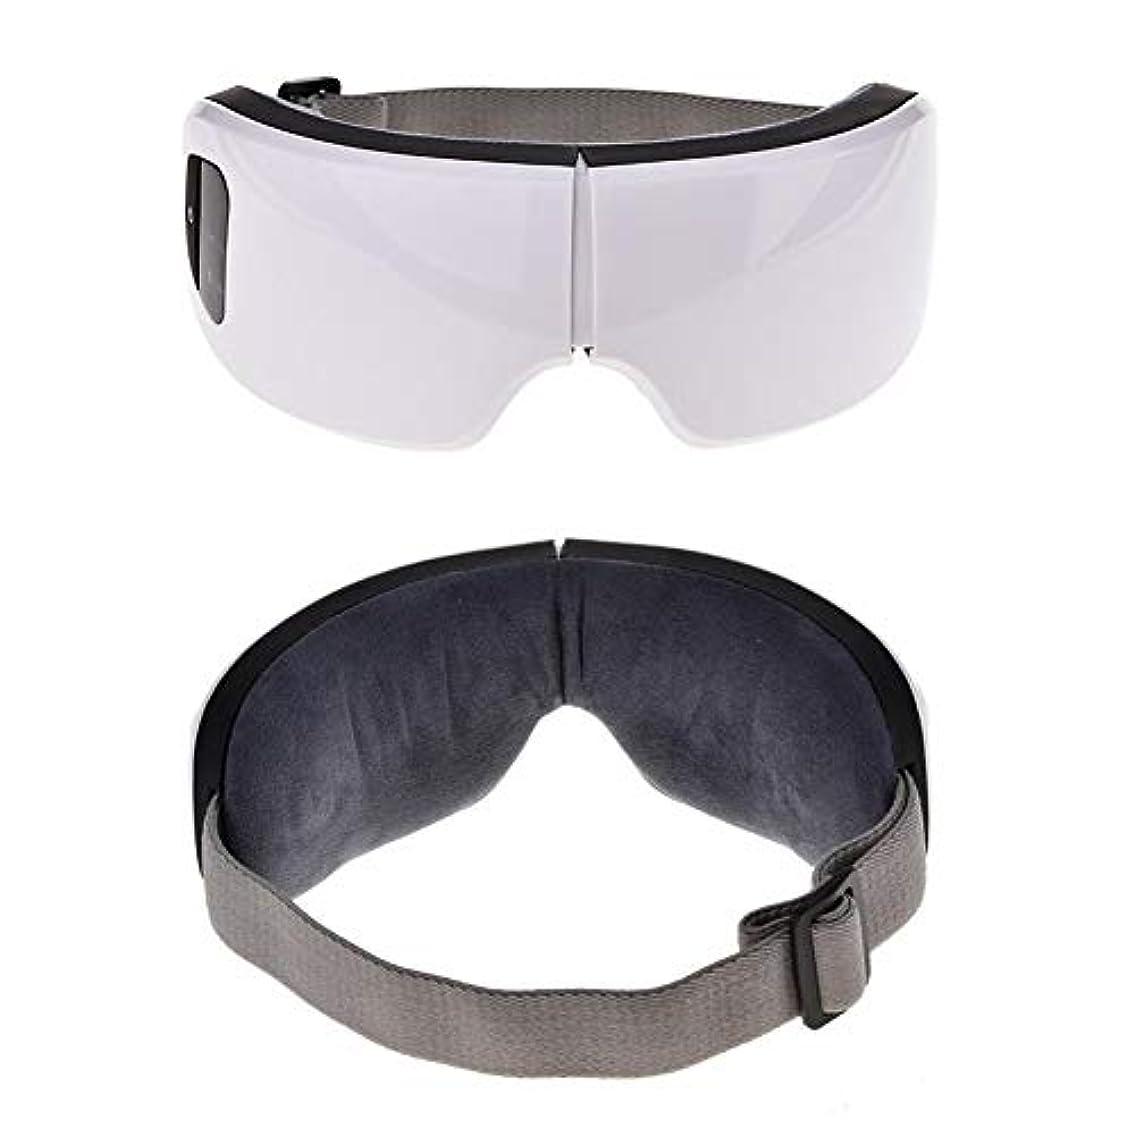 口ひげフェリー扱う目のケアツール6 sワイヤレスUSB充電式Bluetooth折りたたみ式アイマッサージャー調整可能な空気圧アイプロテクターリリーフ睡眠旅行クリスマスギフト